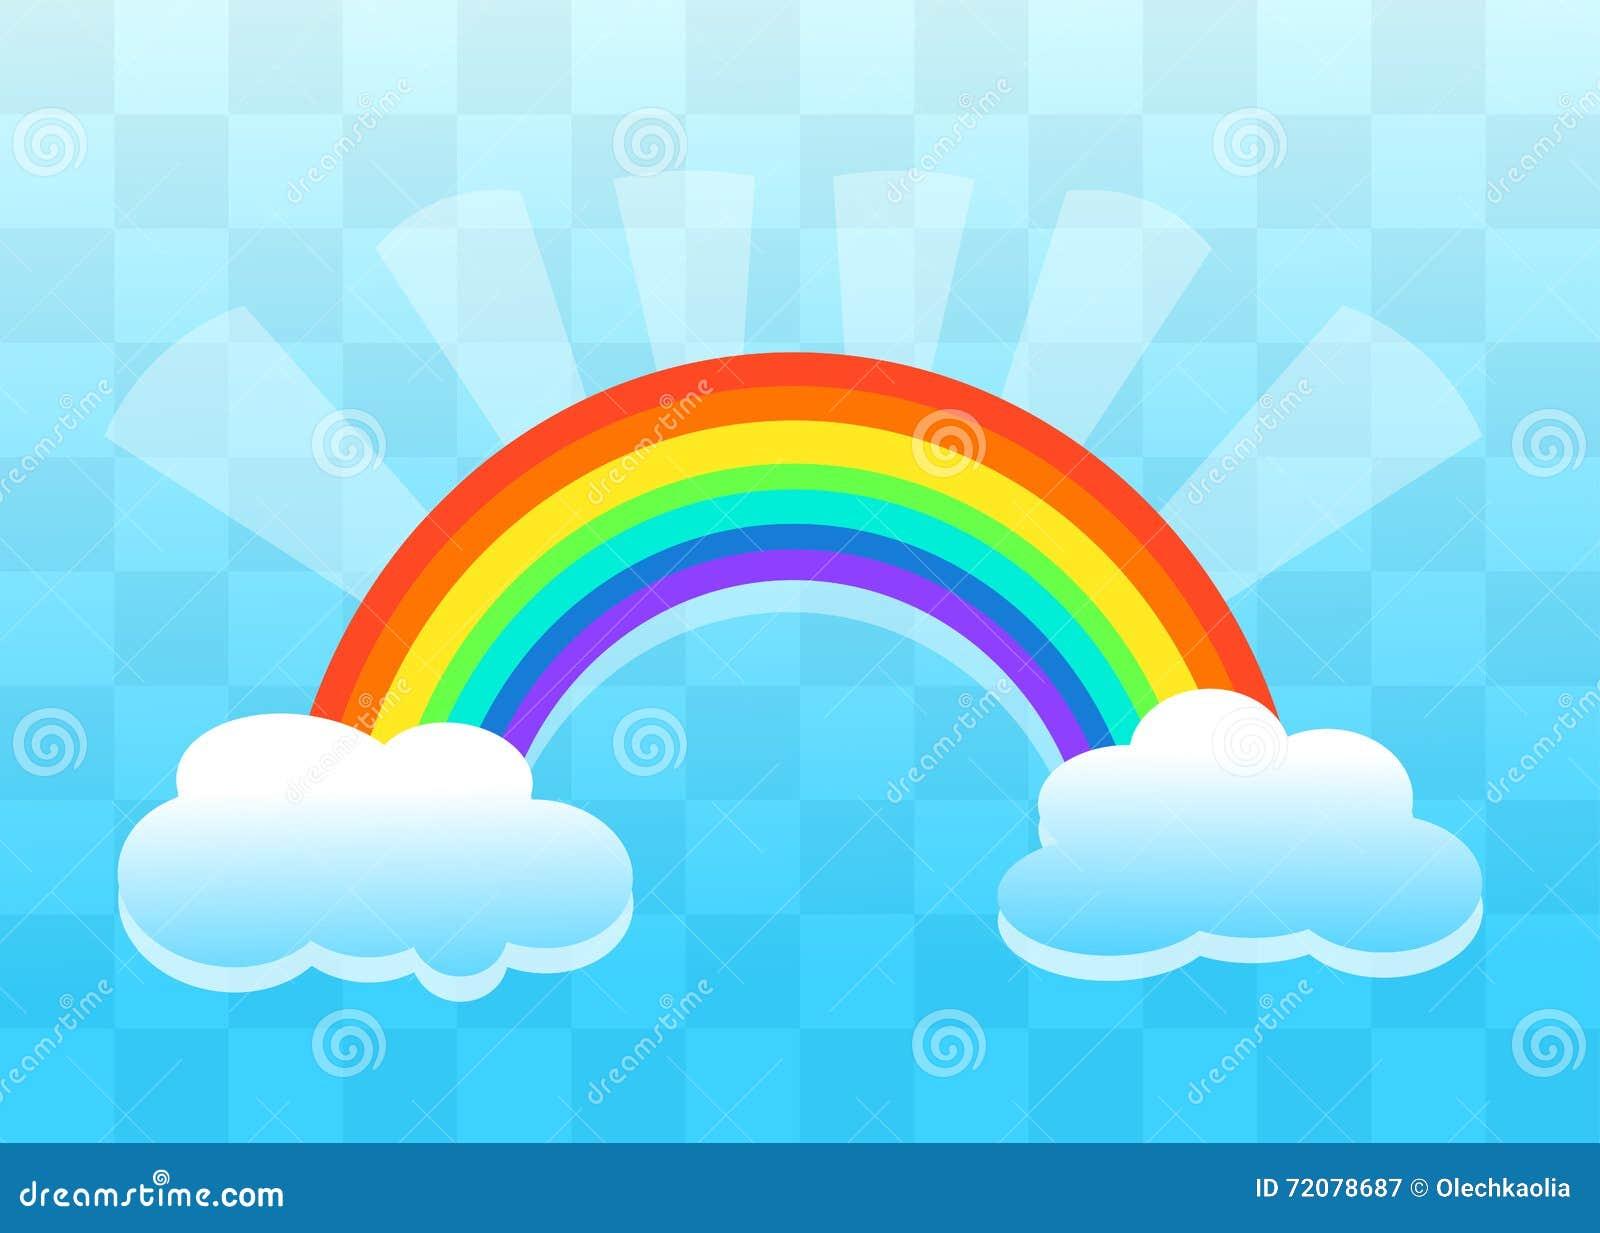 Arc en ciel Et Nuages Style De Papier Plat Fond Transparent Illustration Stock Image